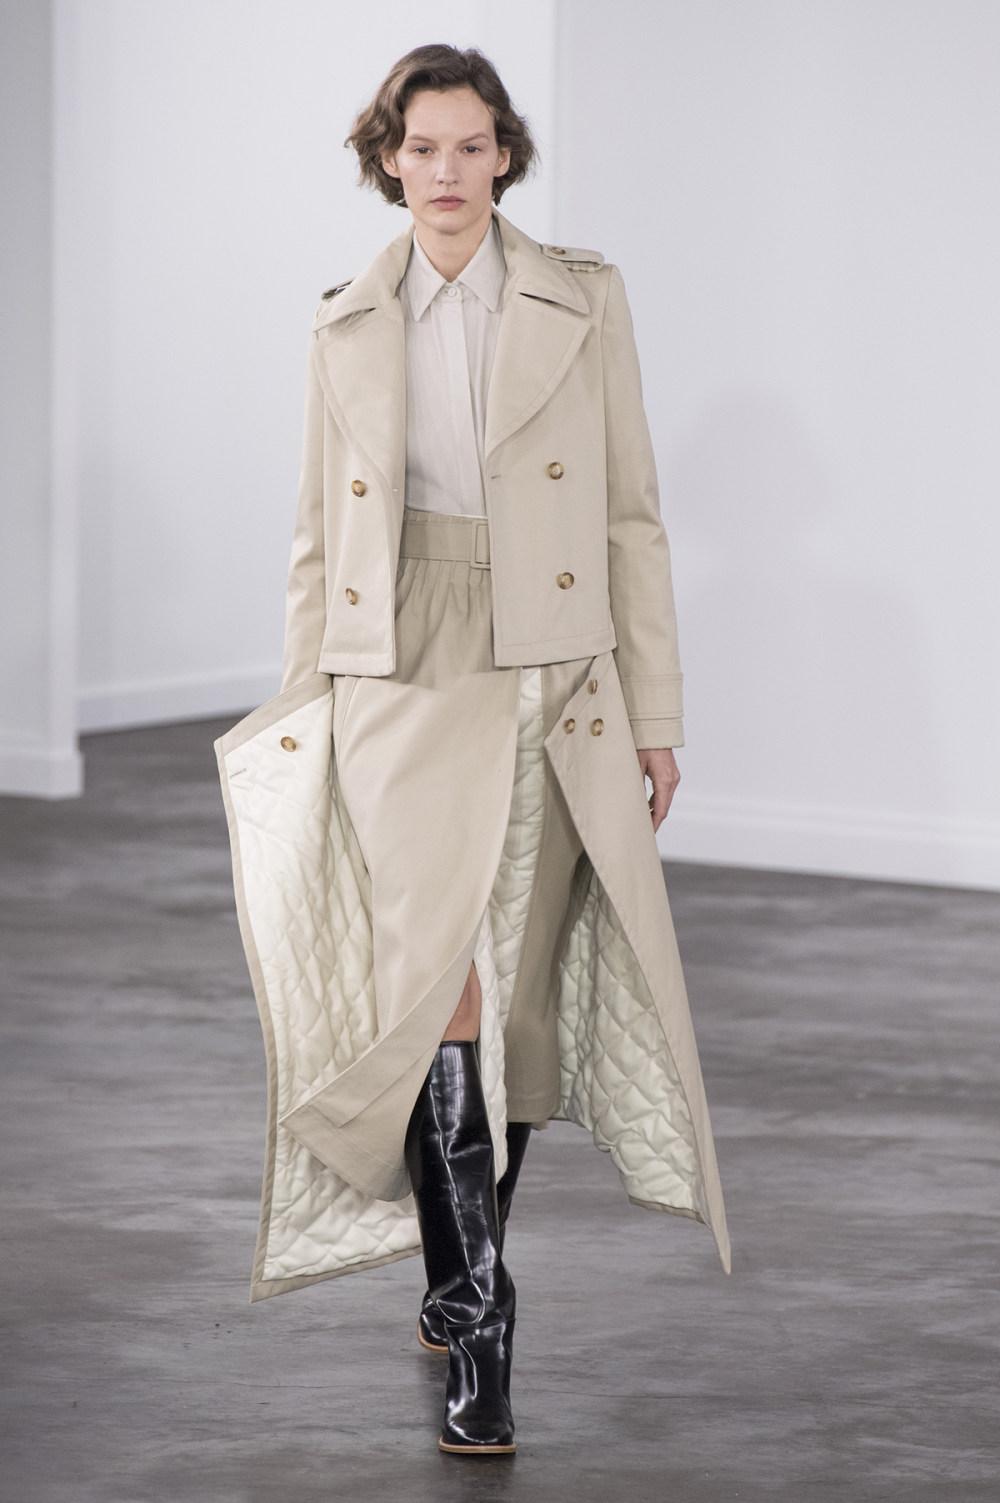 Gabriela Hearst时装系列细条纹西装和宽大毛衣之间形成鲜明对比-7.jpg